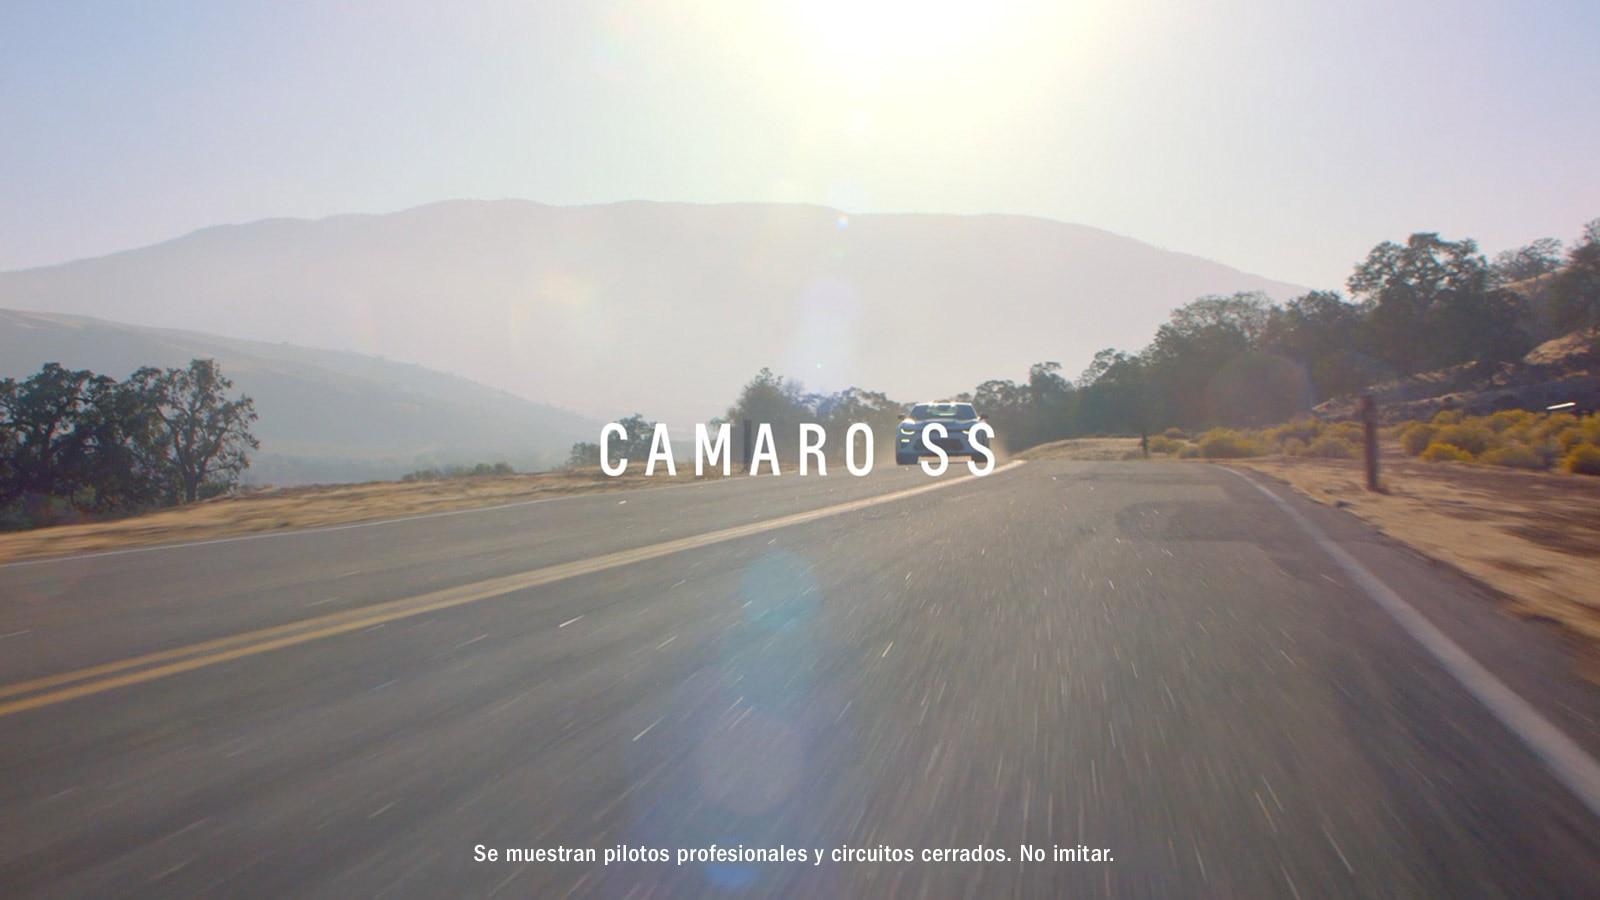 Auto deportivo Camaro 2018: SS